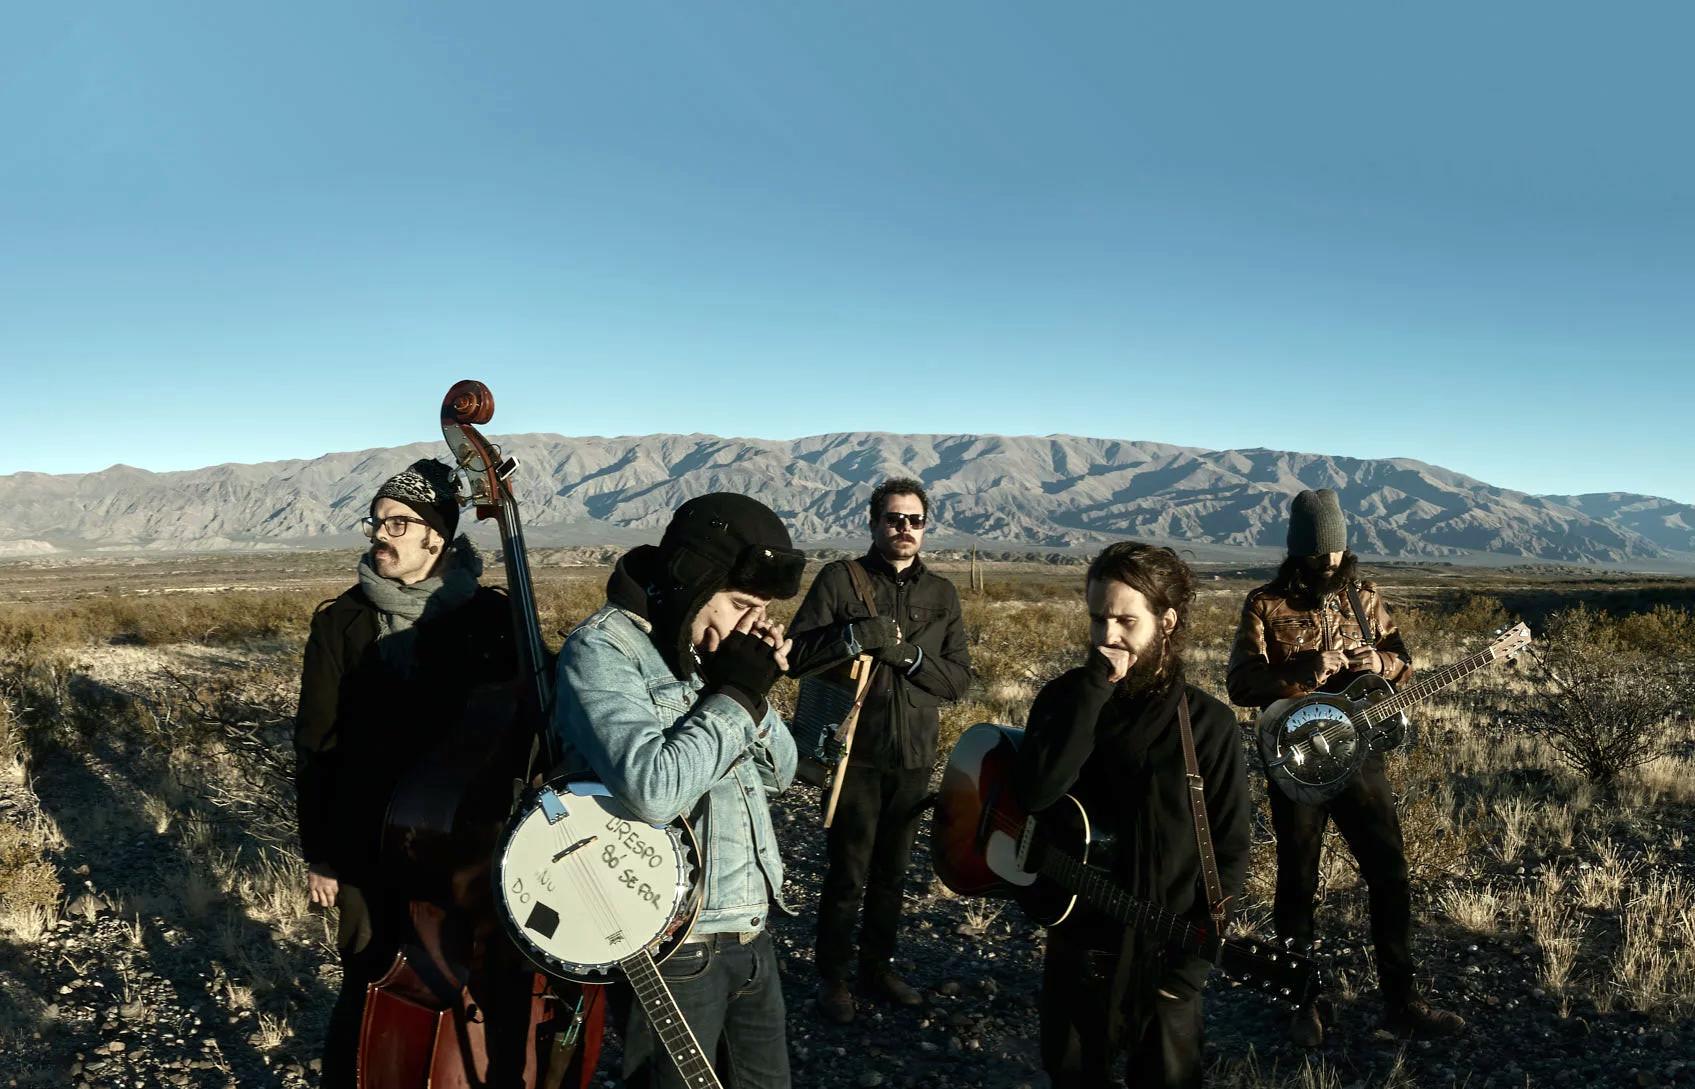 Reunindo influências culturais diversas, a banda sorocabana Monoclub é uma das atrações do República do Blues